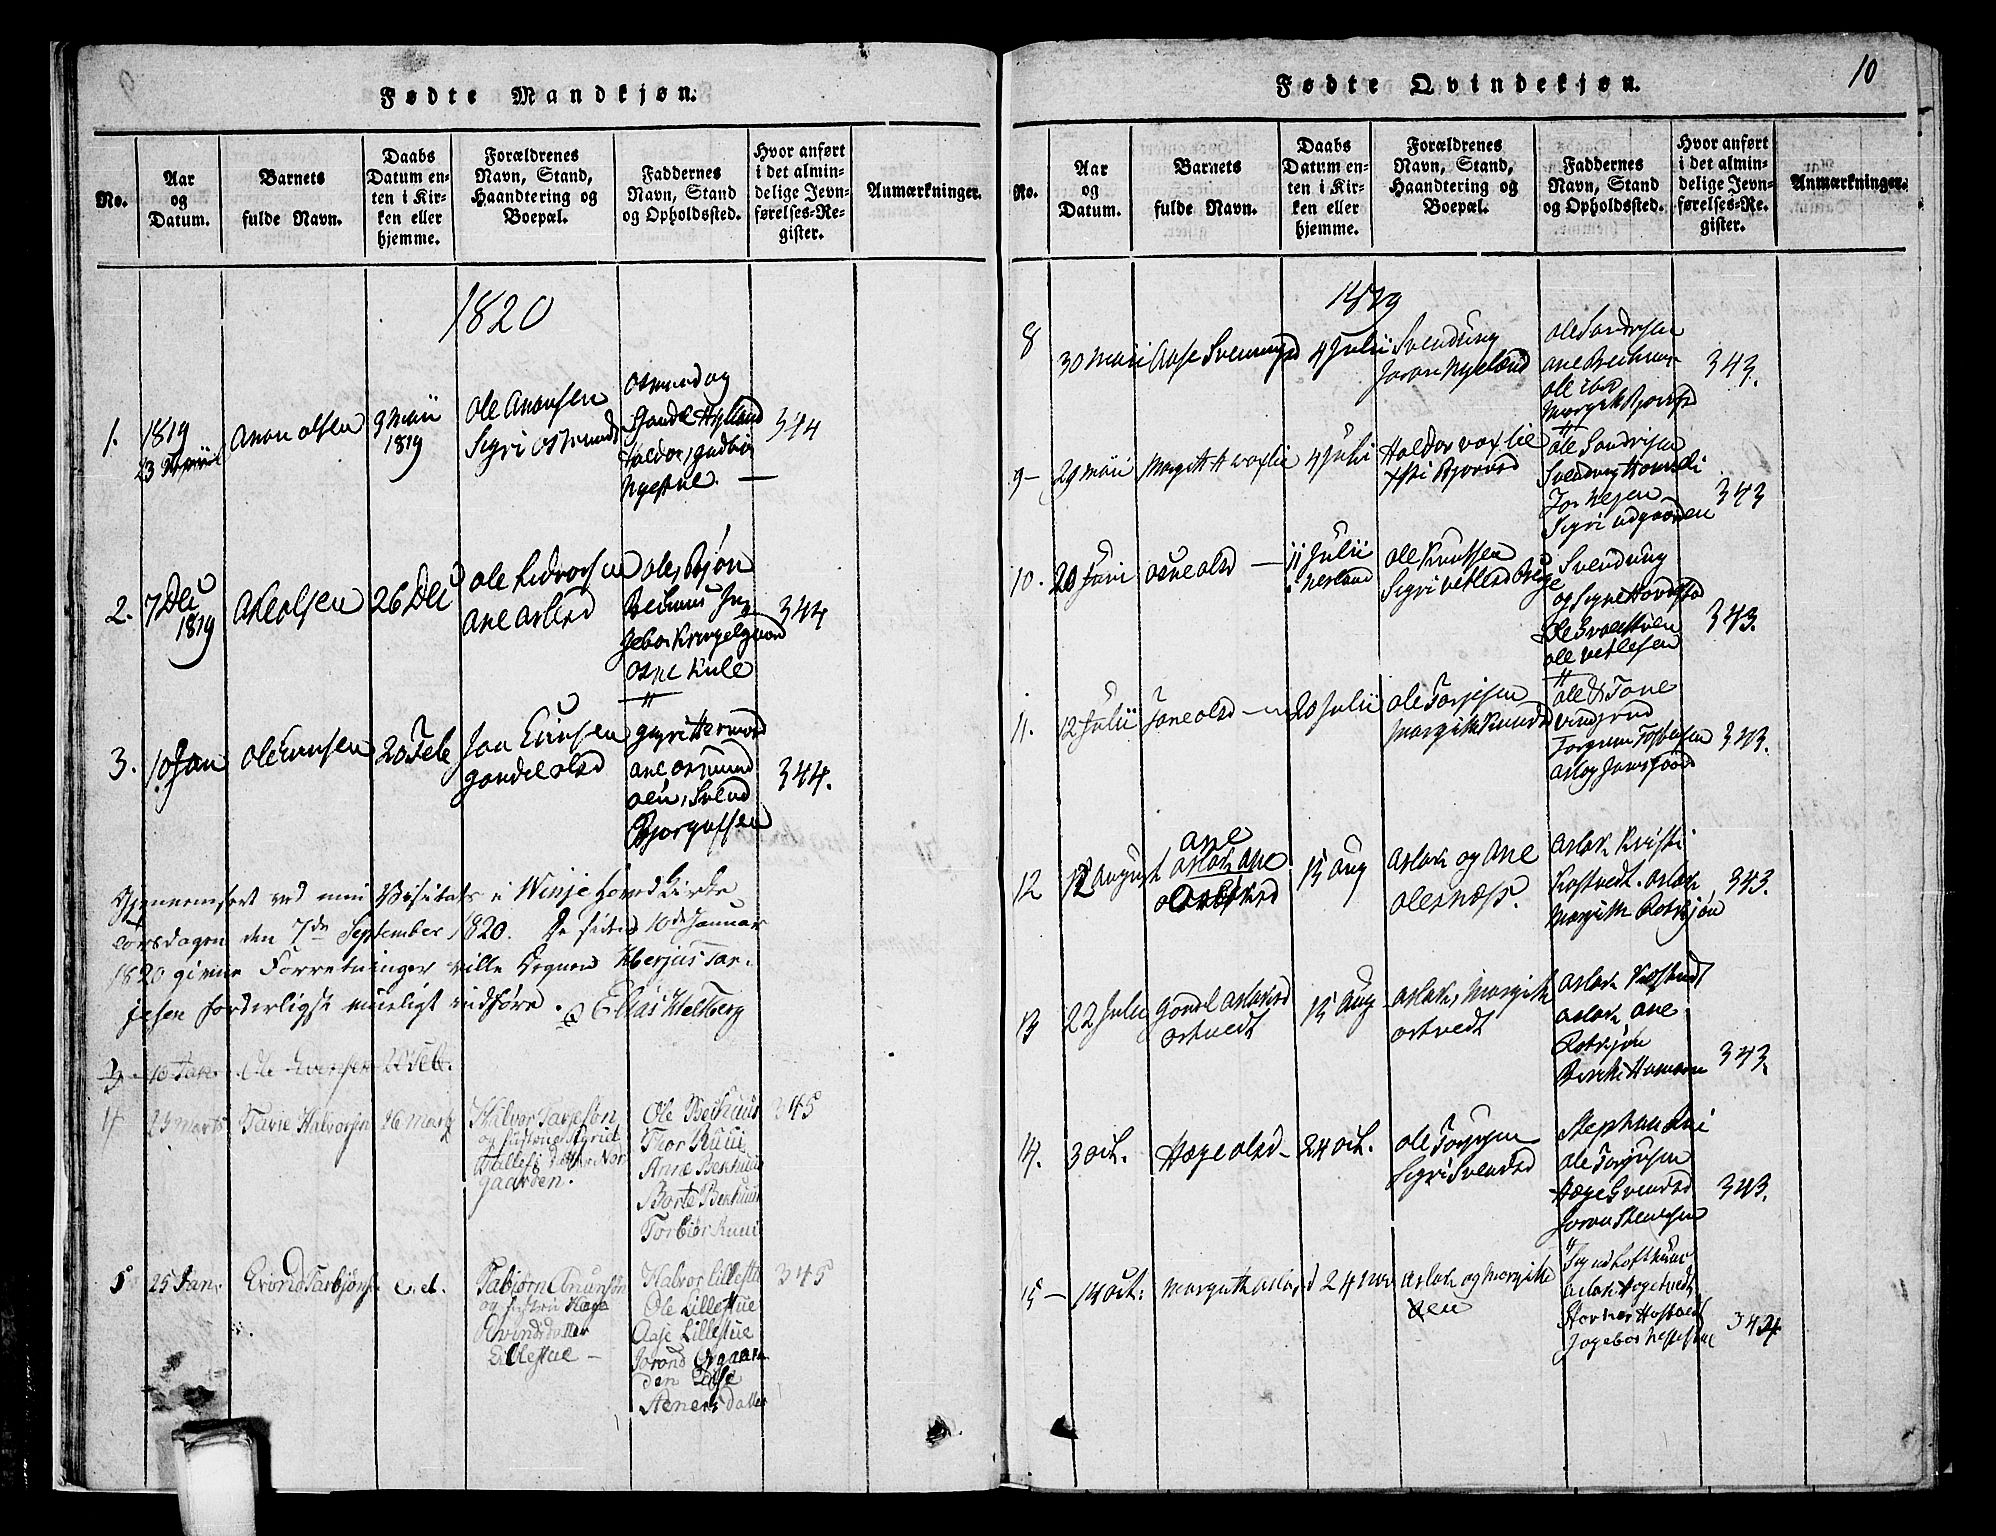 SAKO, Vinje kirkebøker, G/Ga/L0001: Klokkerbok nr. I 1, 1814-1843, s. 10